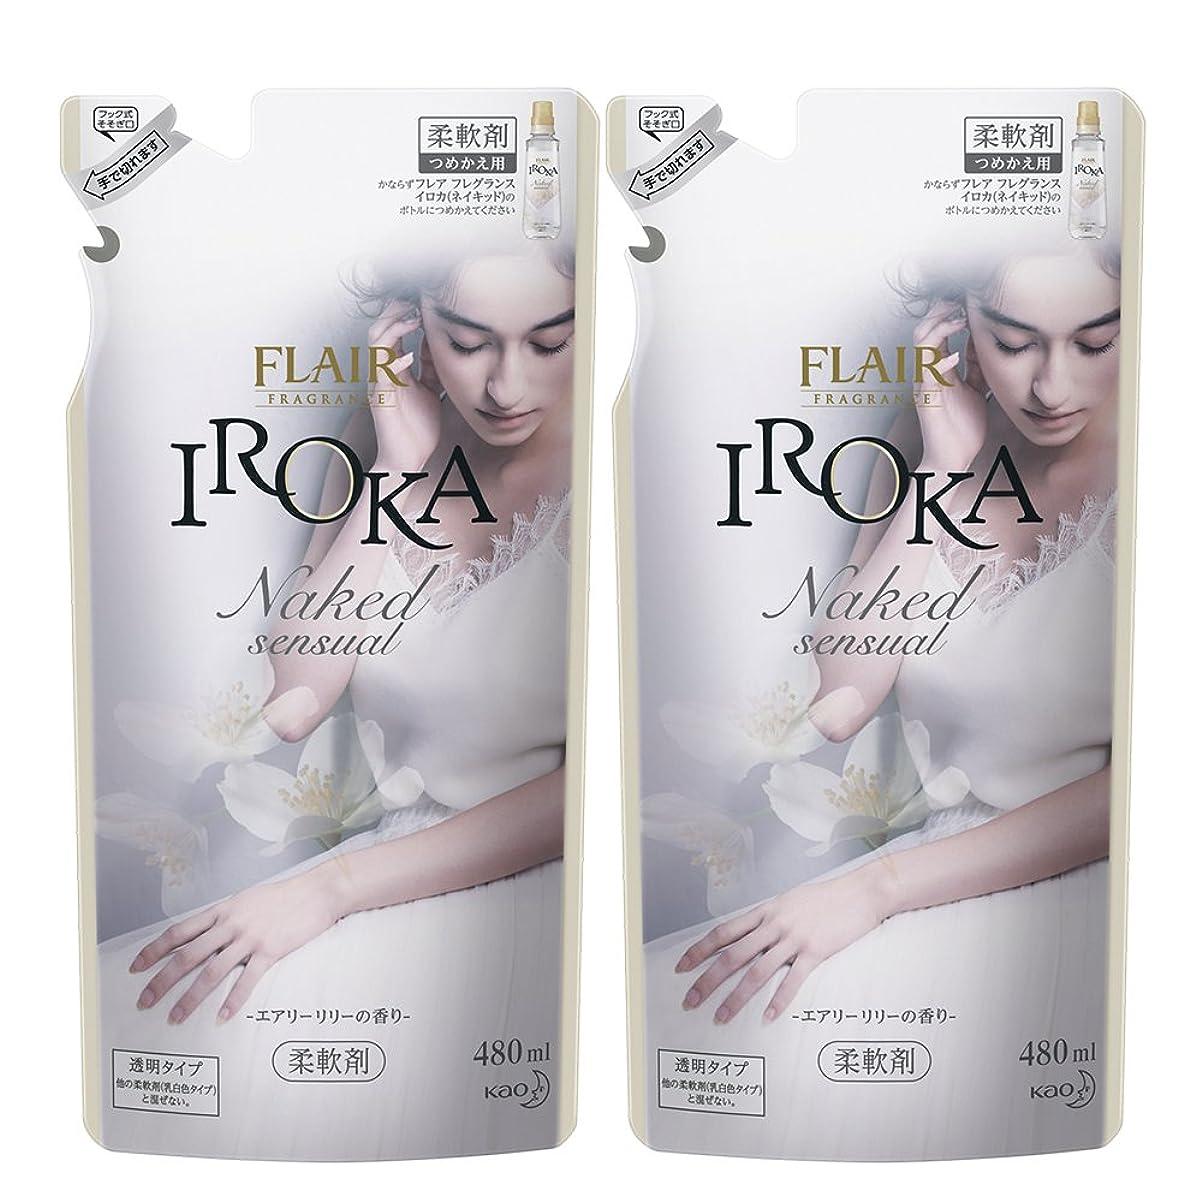 準備揺れる警官【まとめ買い】フレアフレグランス 柔軟剤 IROKA(イロカ) NakedSensual(ネイキッド センシュアル) 詰め替え 480ml×2個